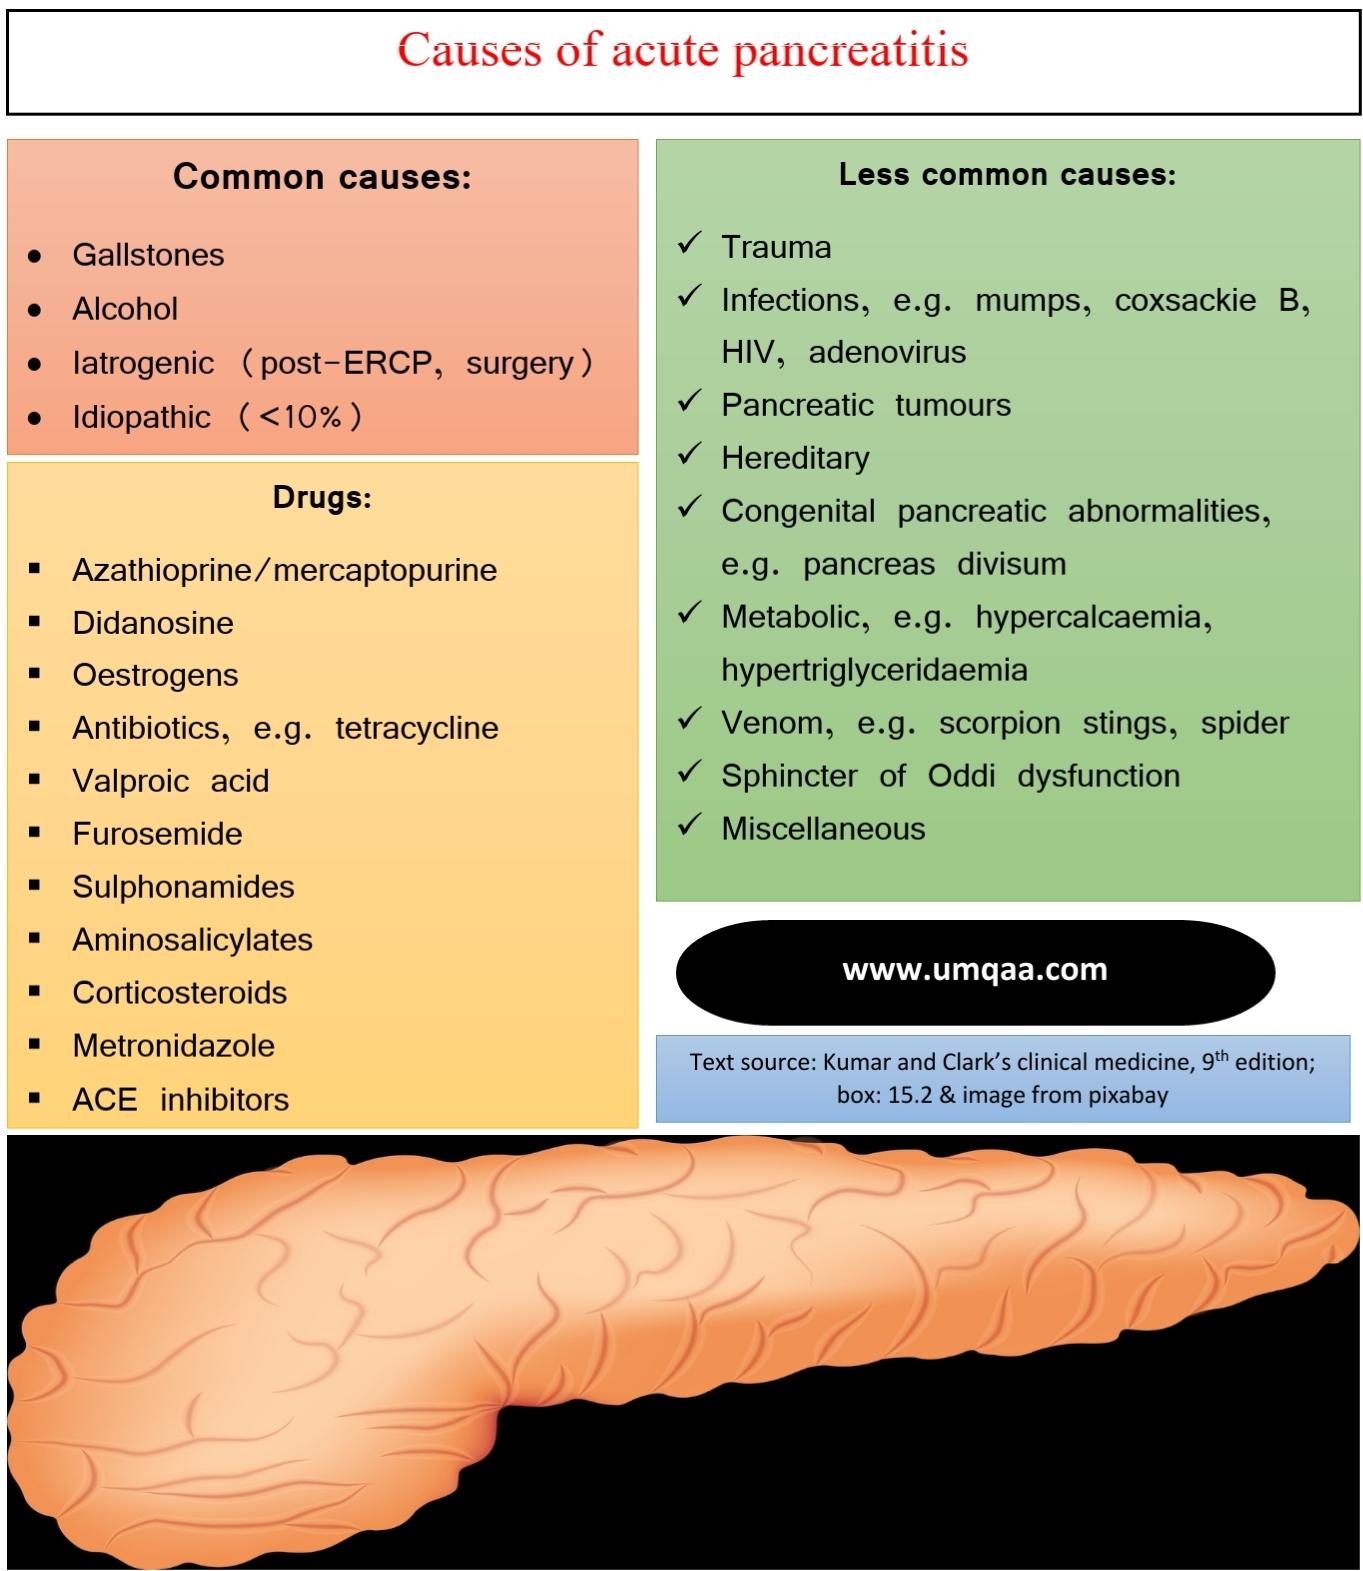 causes of acute pancreatitis